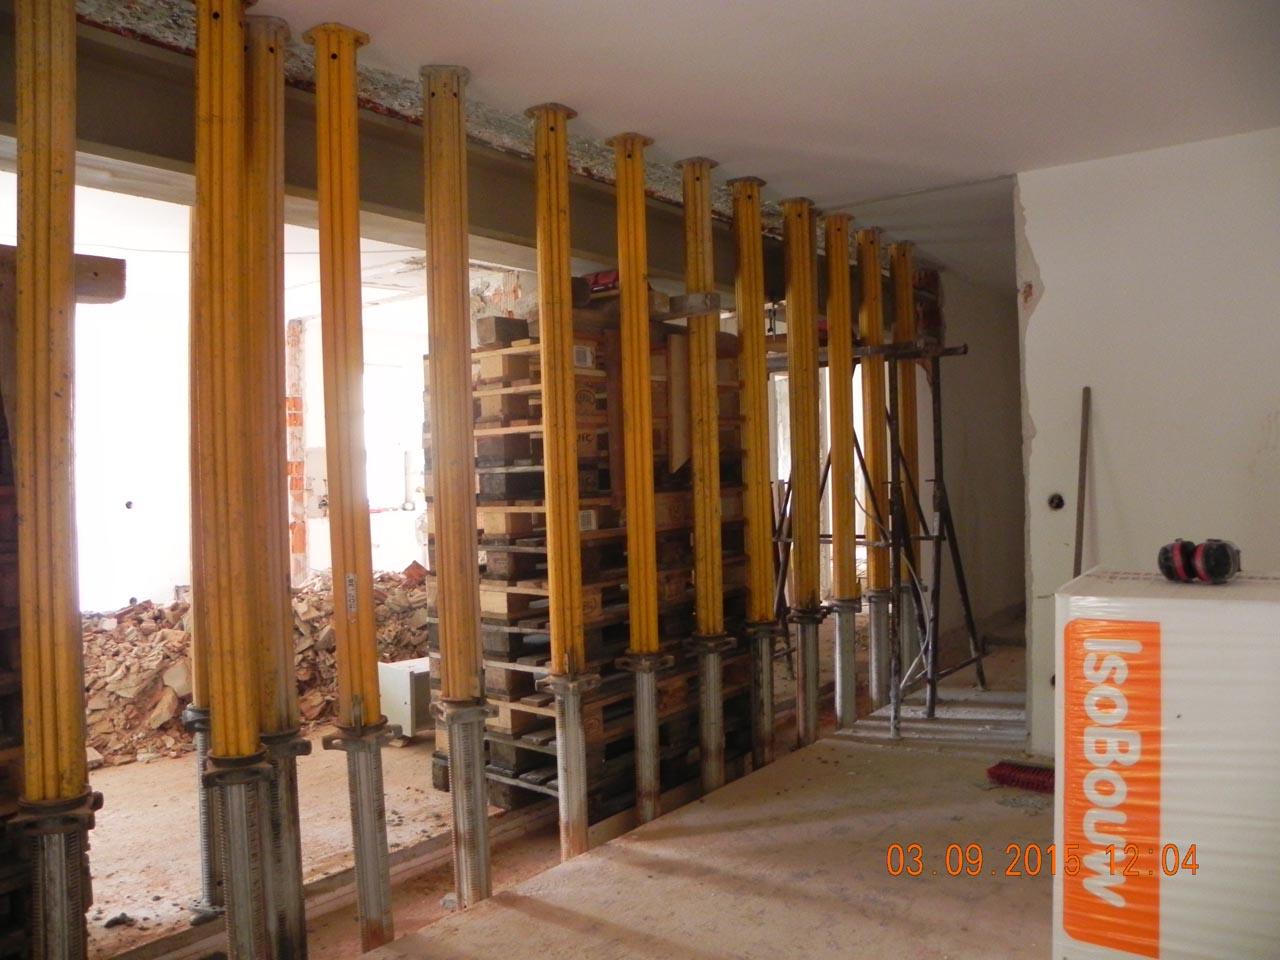 Wohnzimmer - Umbau 07